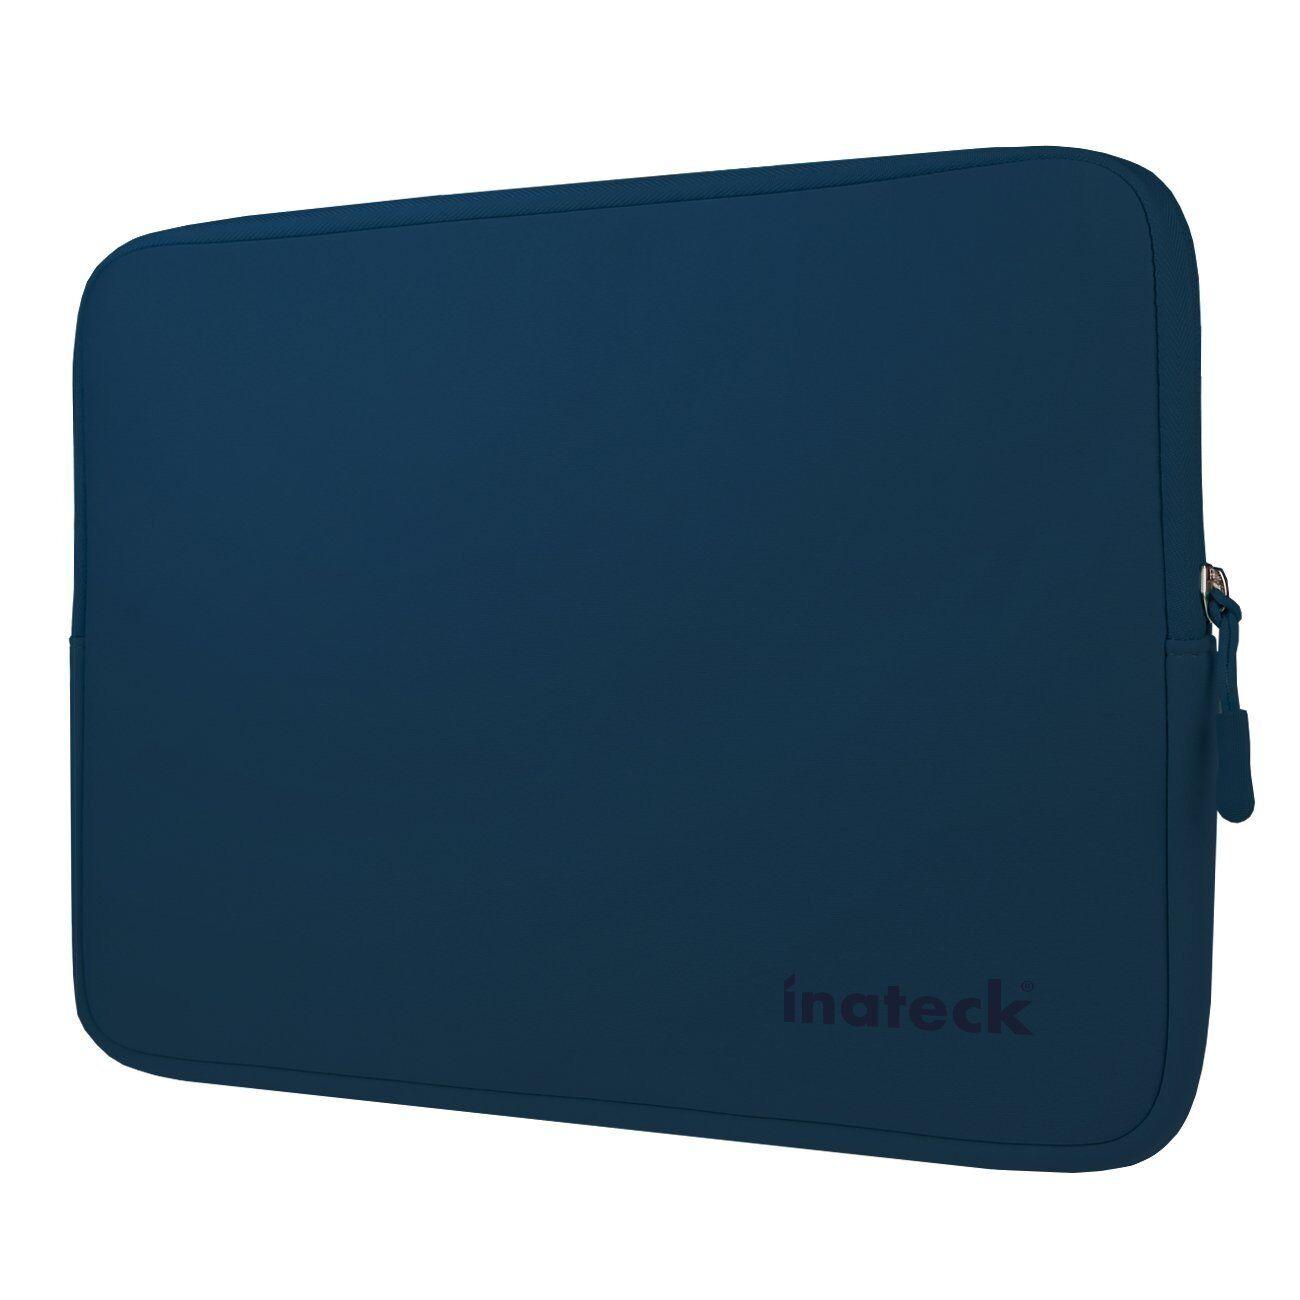 Inateck 13 Zoll Weiche Neopren Laptop Hülle/Tasche/Sleeve Tasche für Laptops